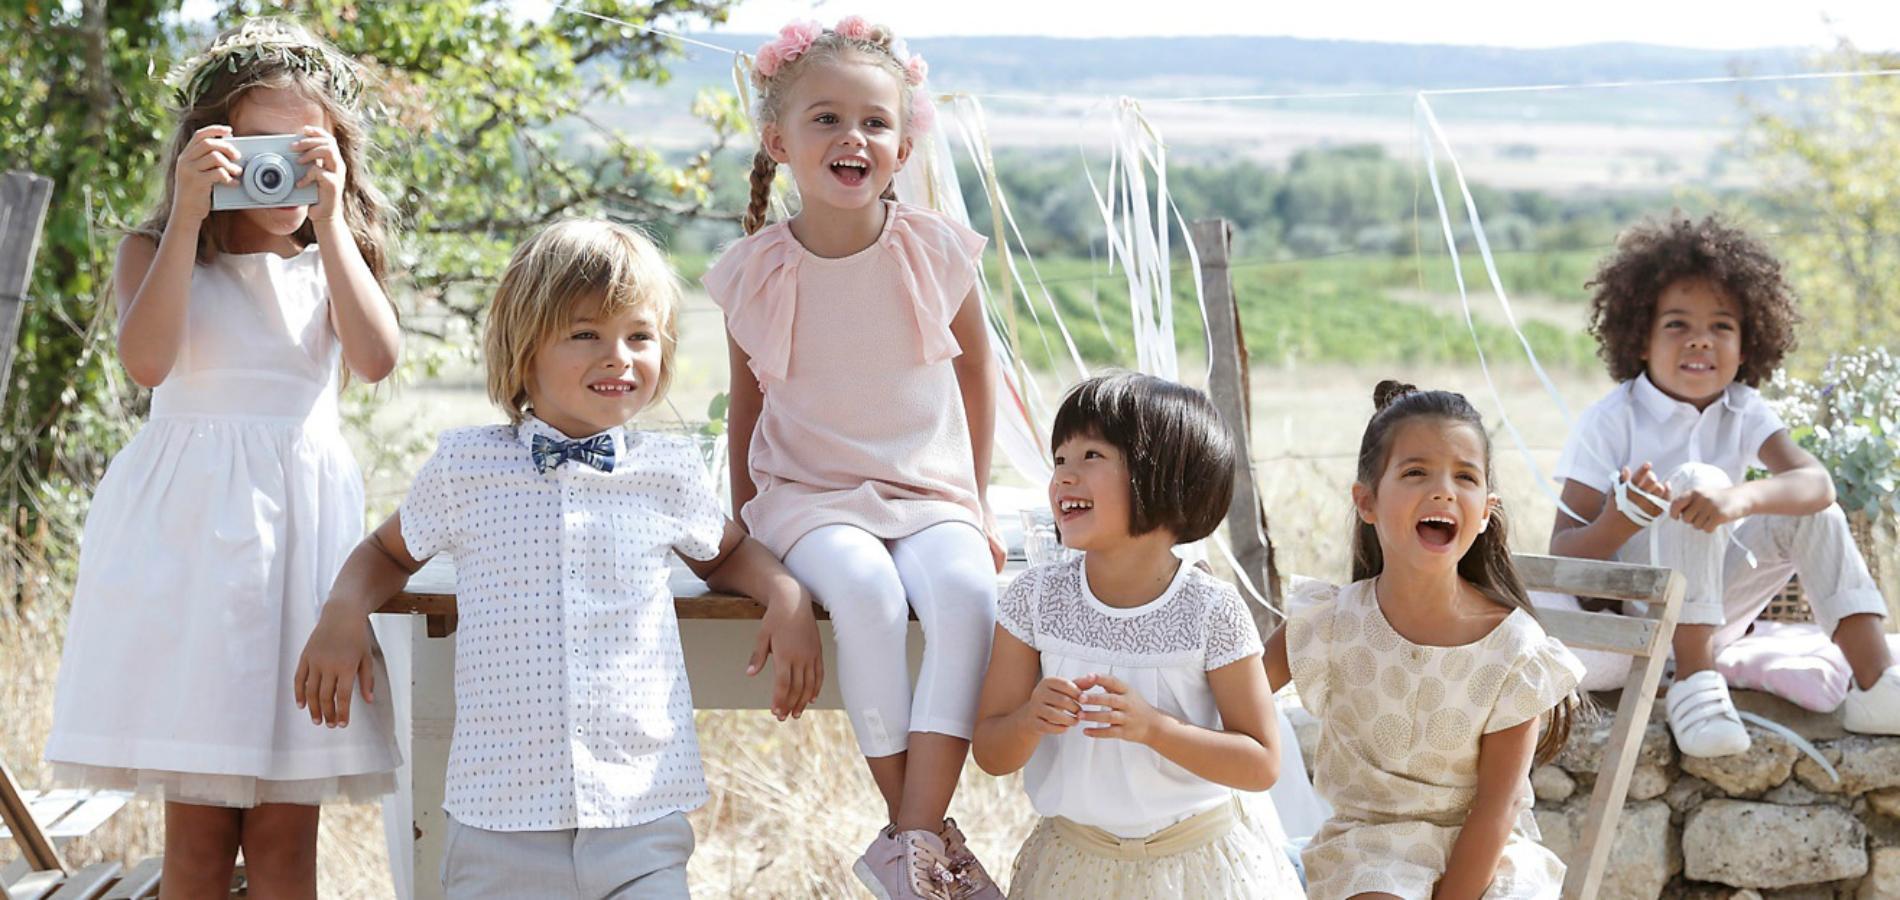 mariage des tenues de cort ge pour parfaits enfants d 39 honneur madame figaro. Black Bedroom Furniture Sets. Home Design Ideas